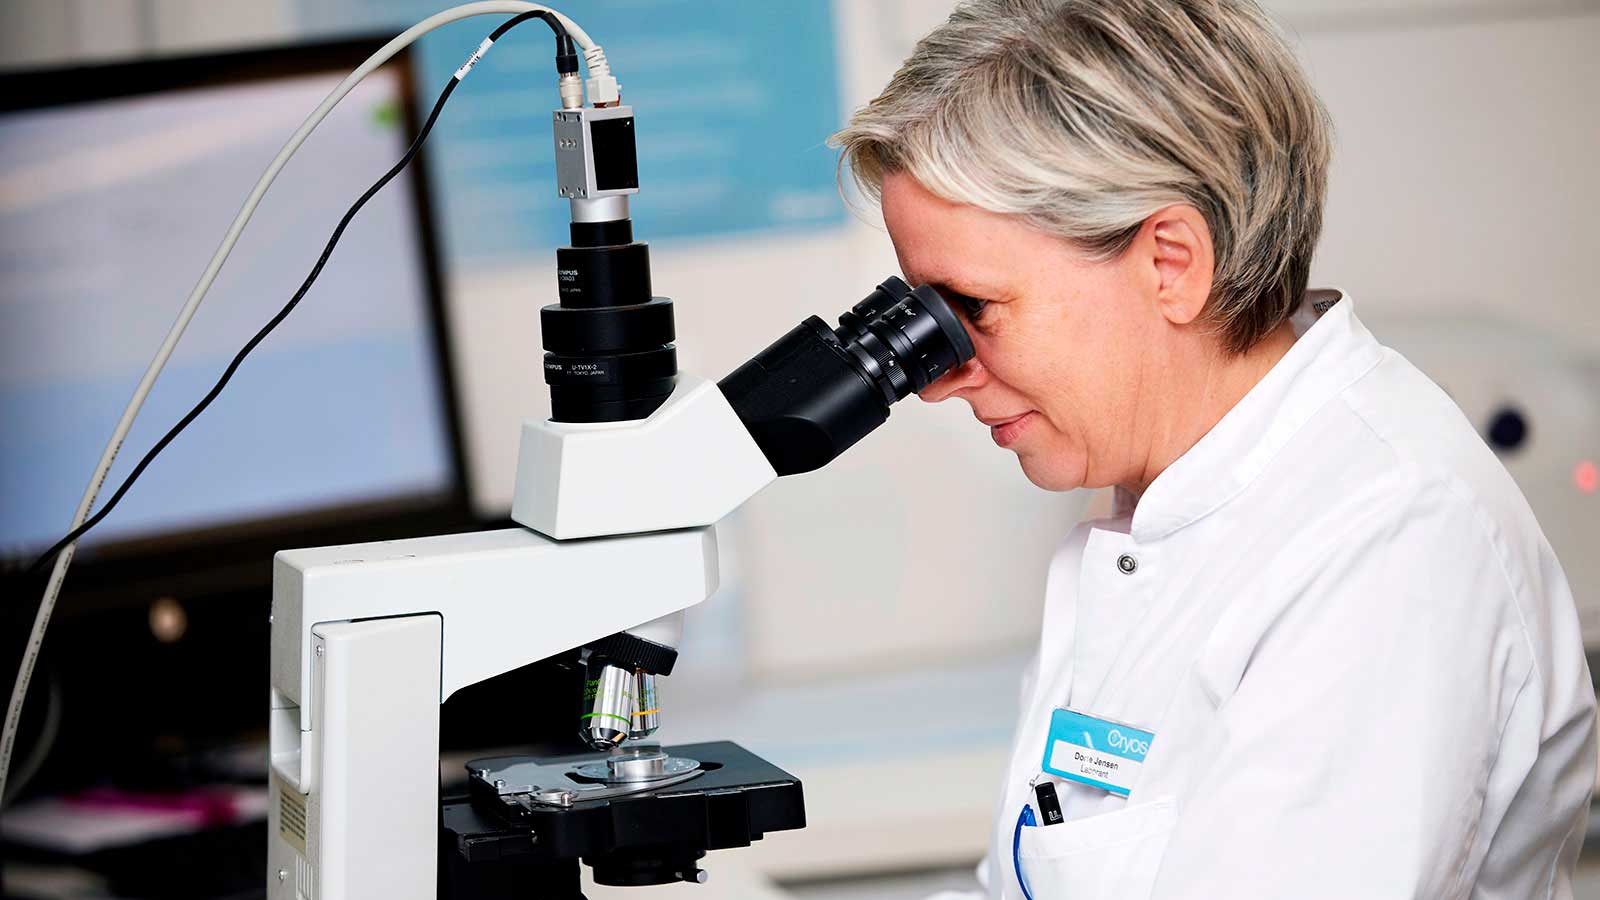 Laborant hos Cryos der vurderer kvaliteten af en sædprøve for en mand der gerne vil vide om han har god sædkvalitet